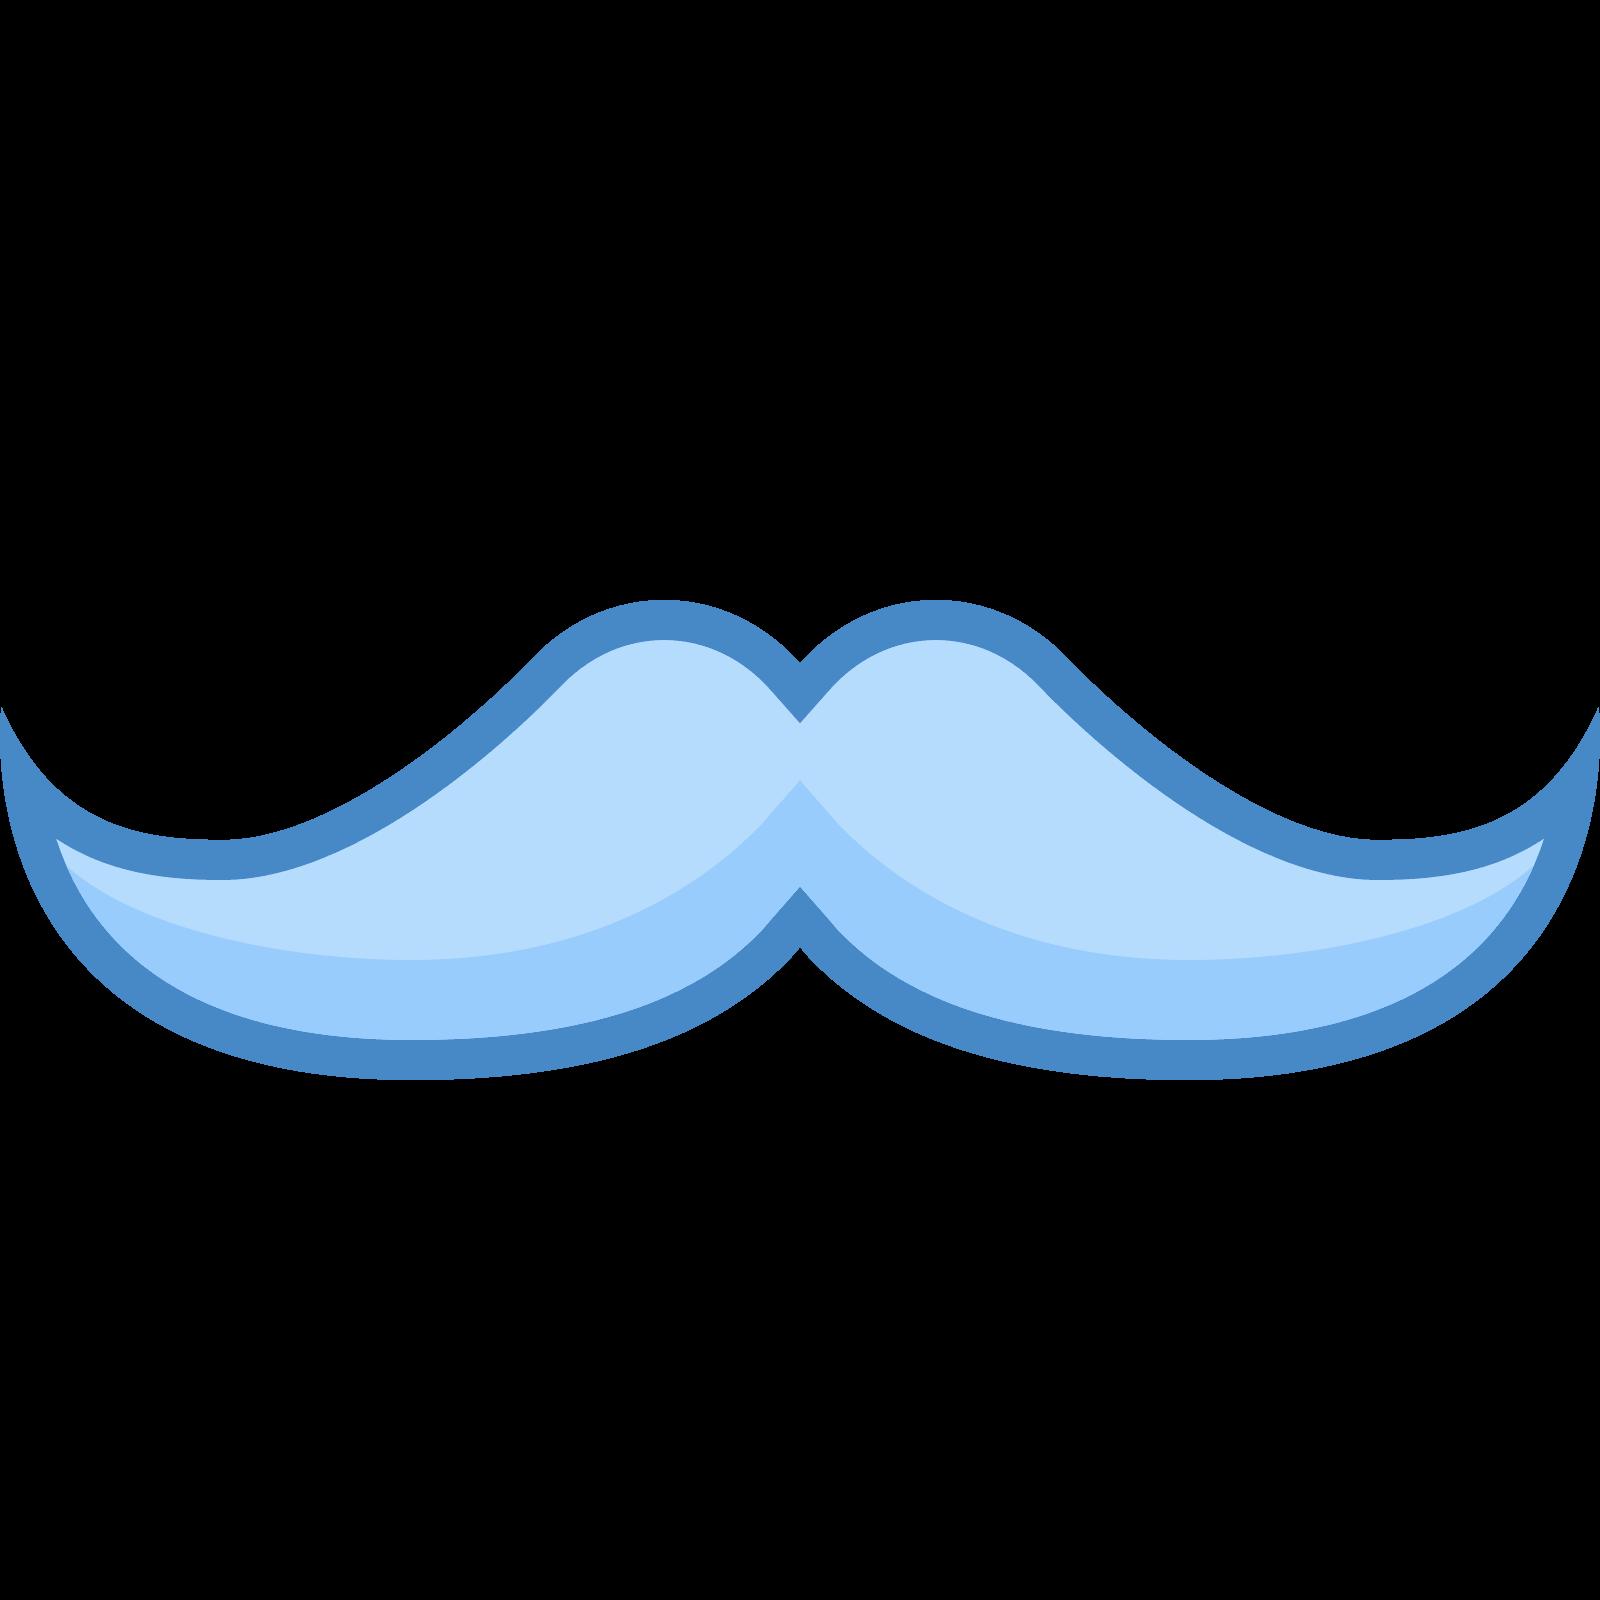 Ic ne english t. Einstein clipart mustache